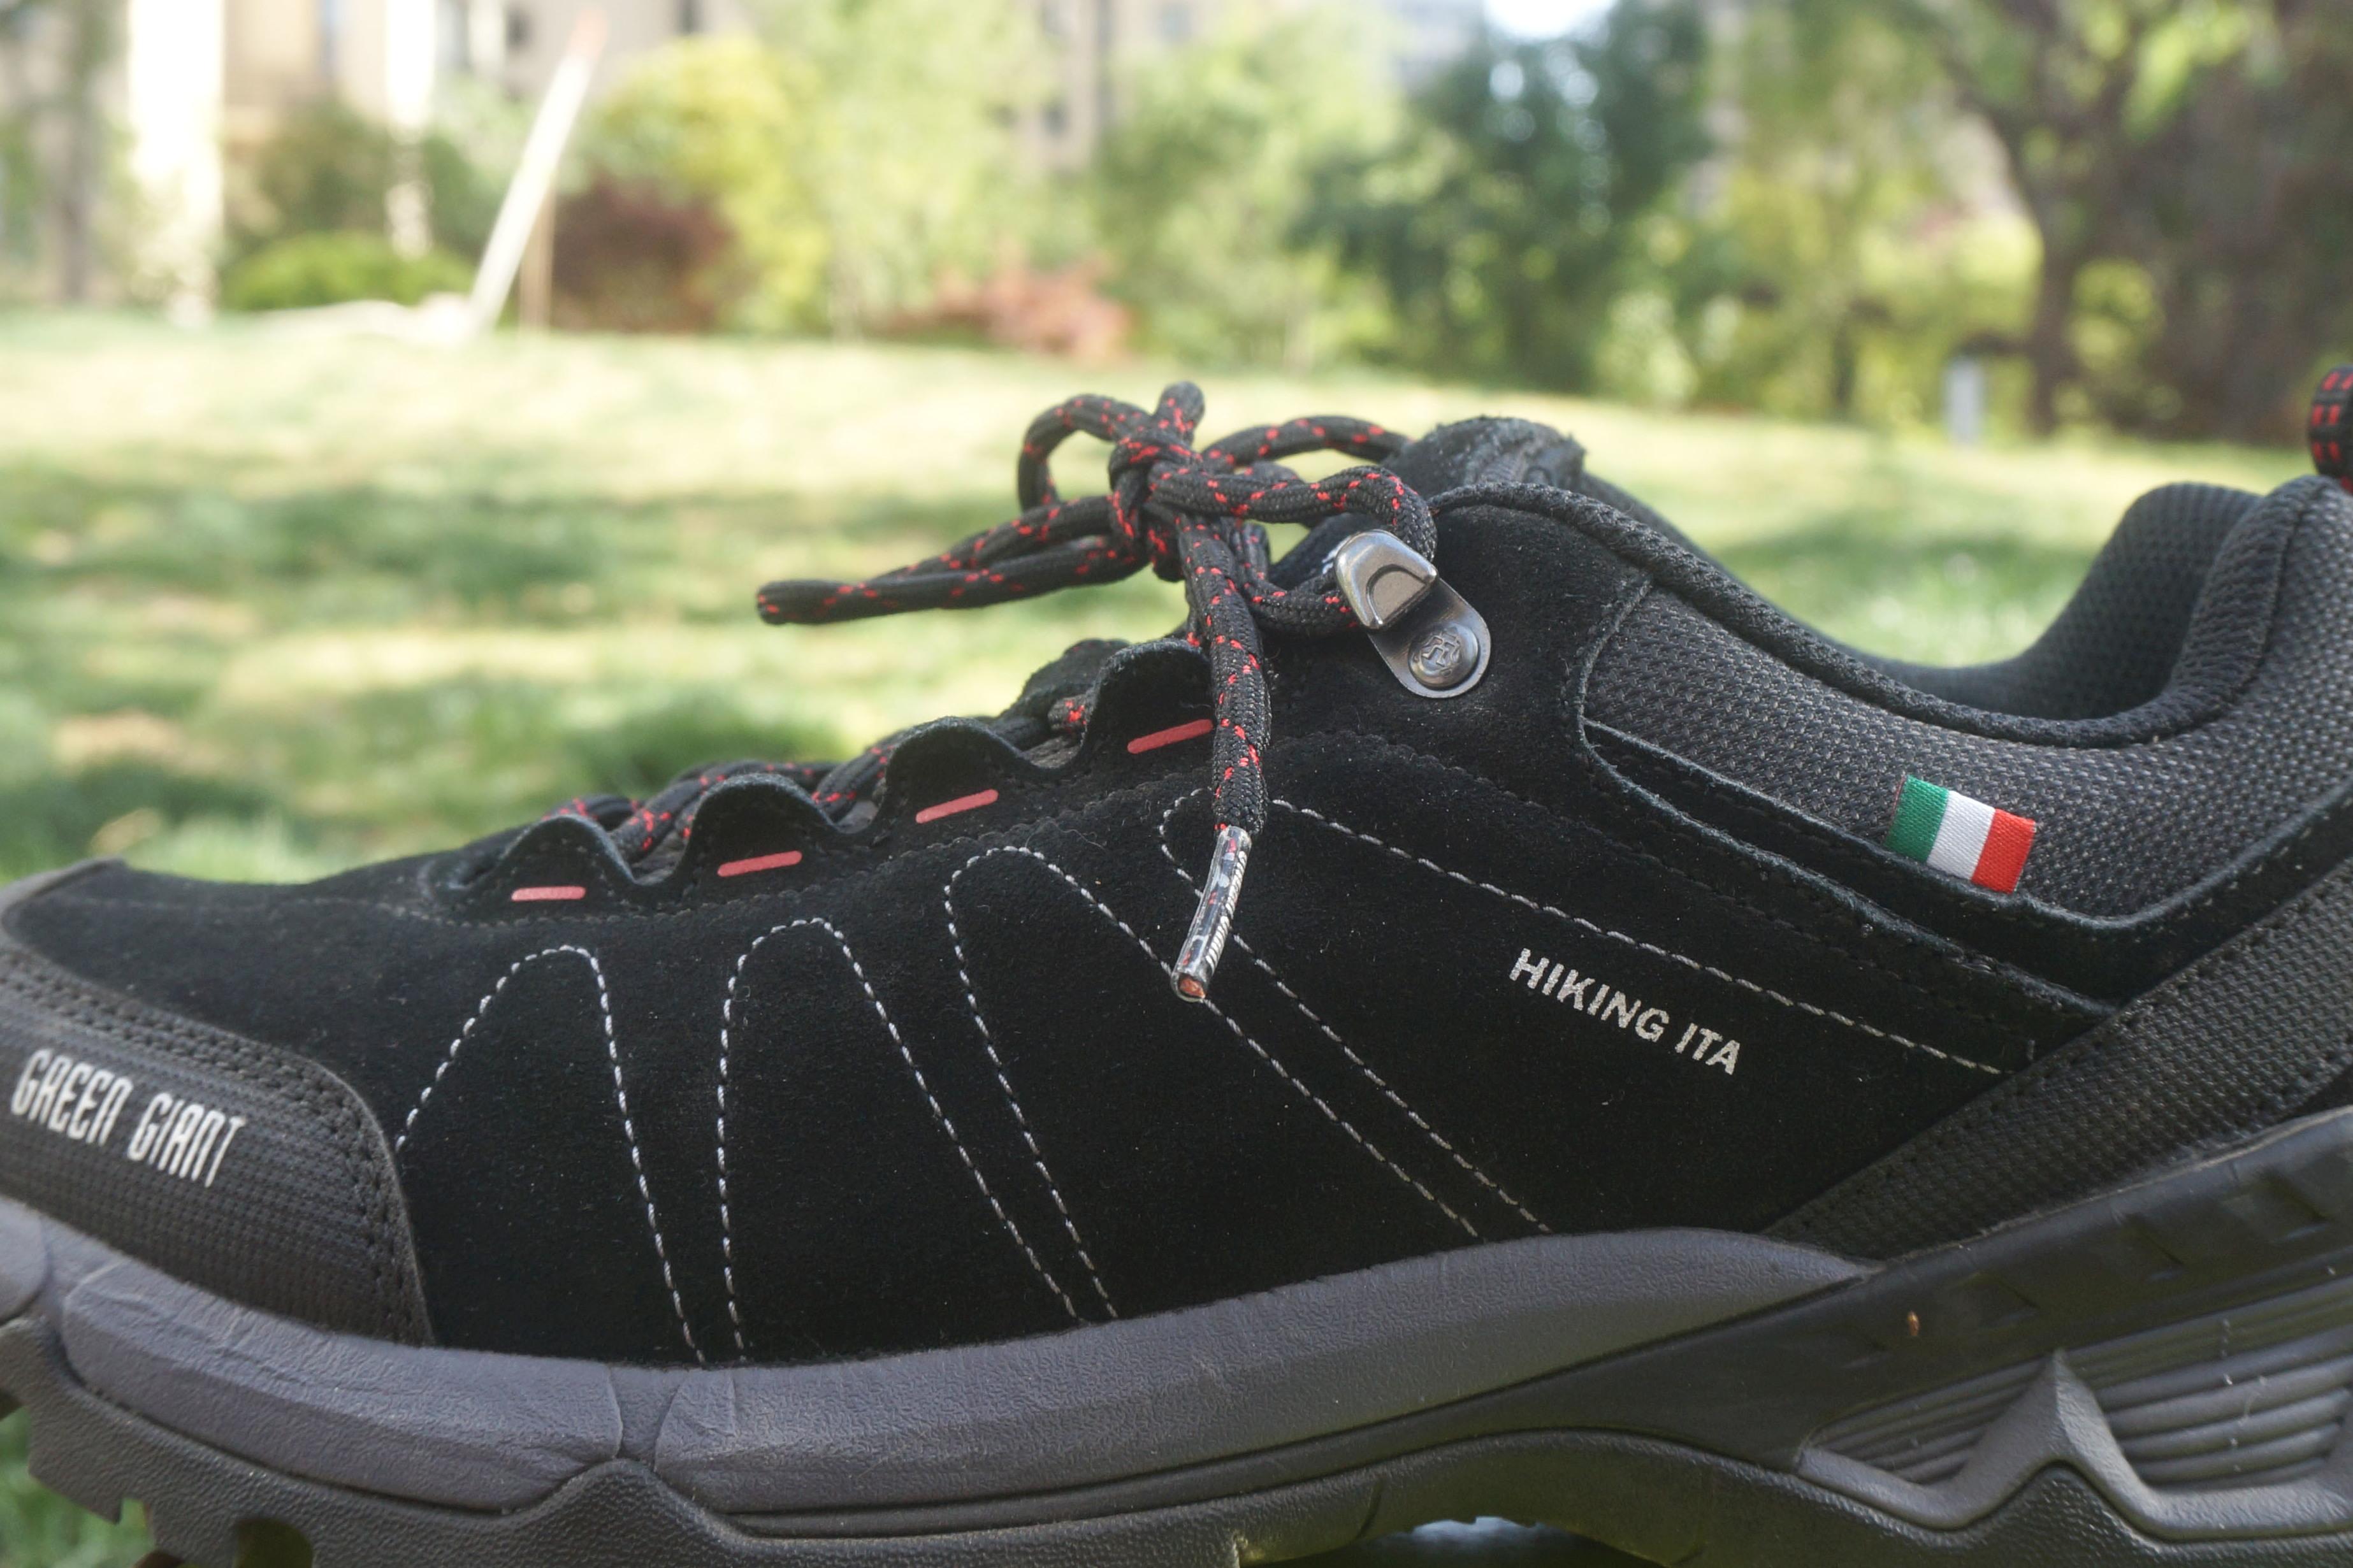 阿迪耐克拜拜,新国货出现!图途绿巨人徒步鞋